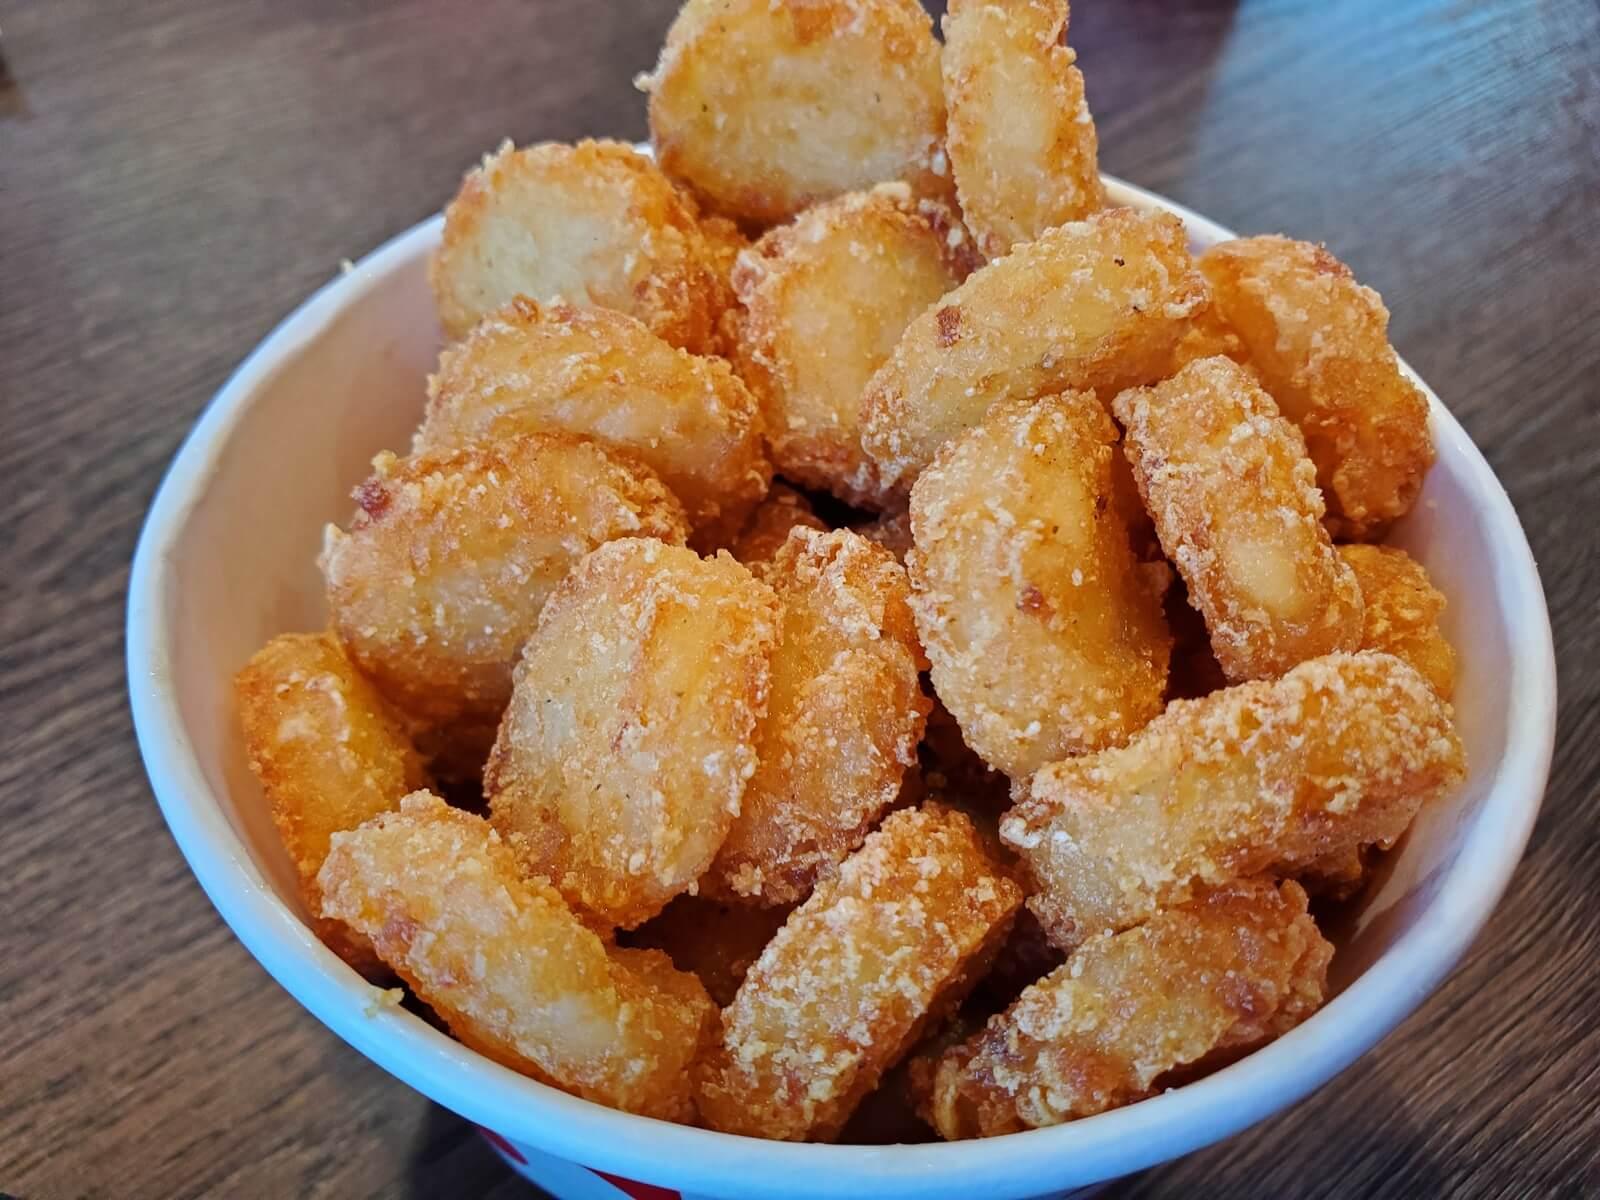 Potato Oles at Taco Johns